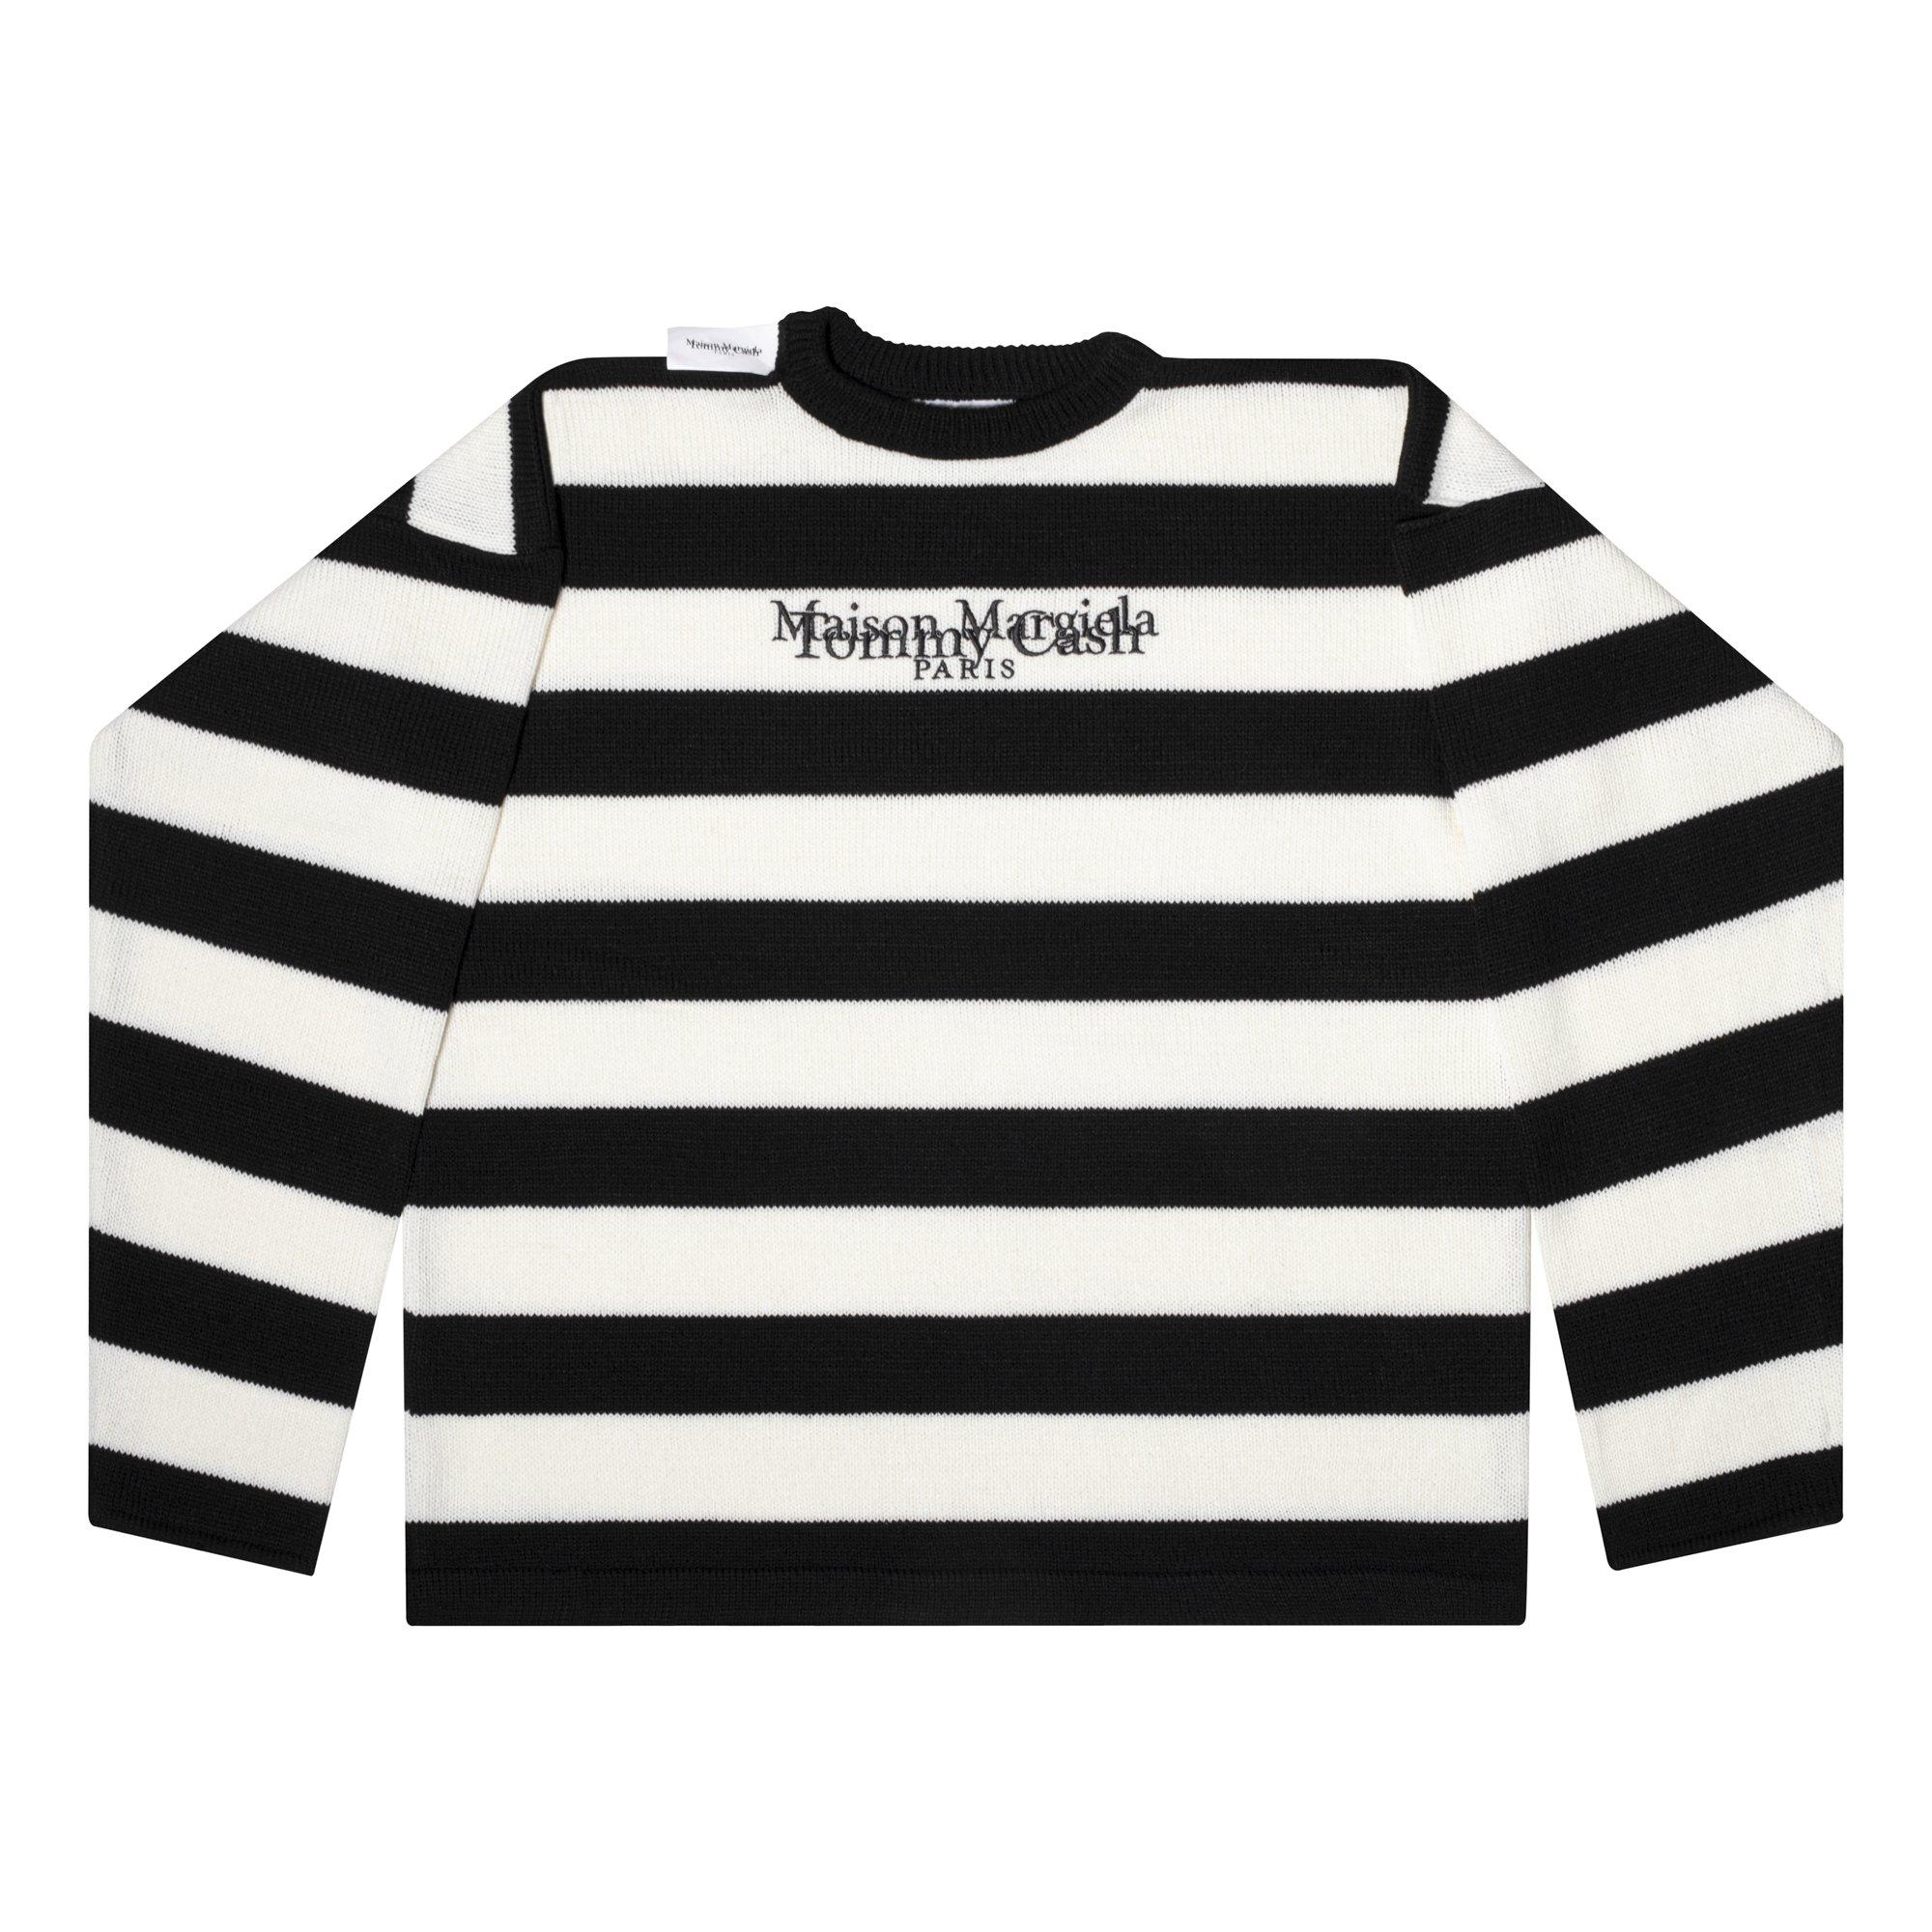 商品Maison Margiela x Tommy Cash Sweater|包邮【S北美特拉华直发】图片